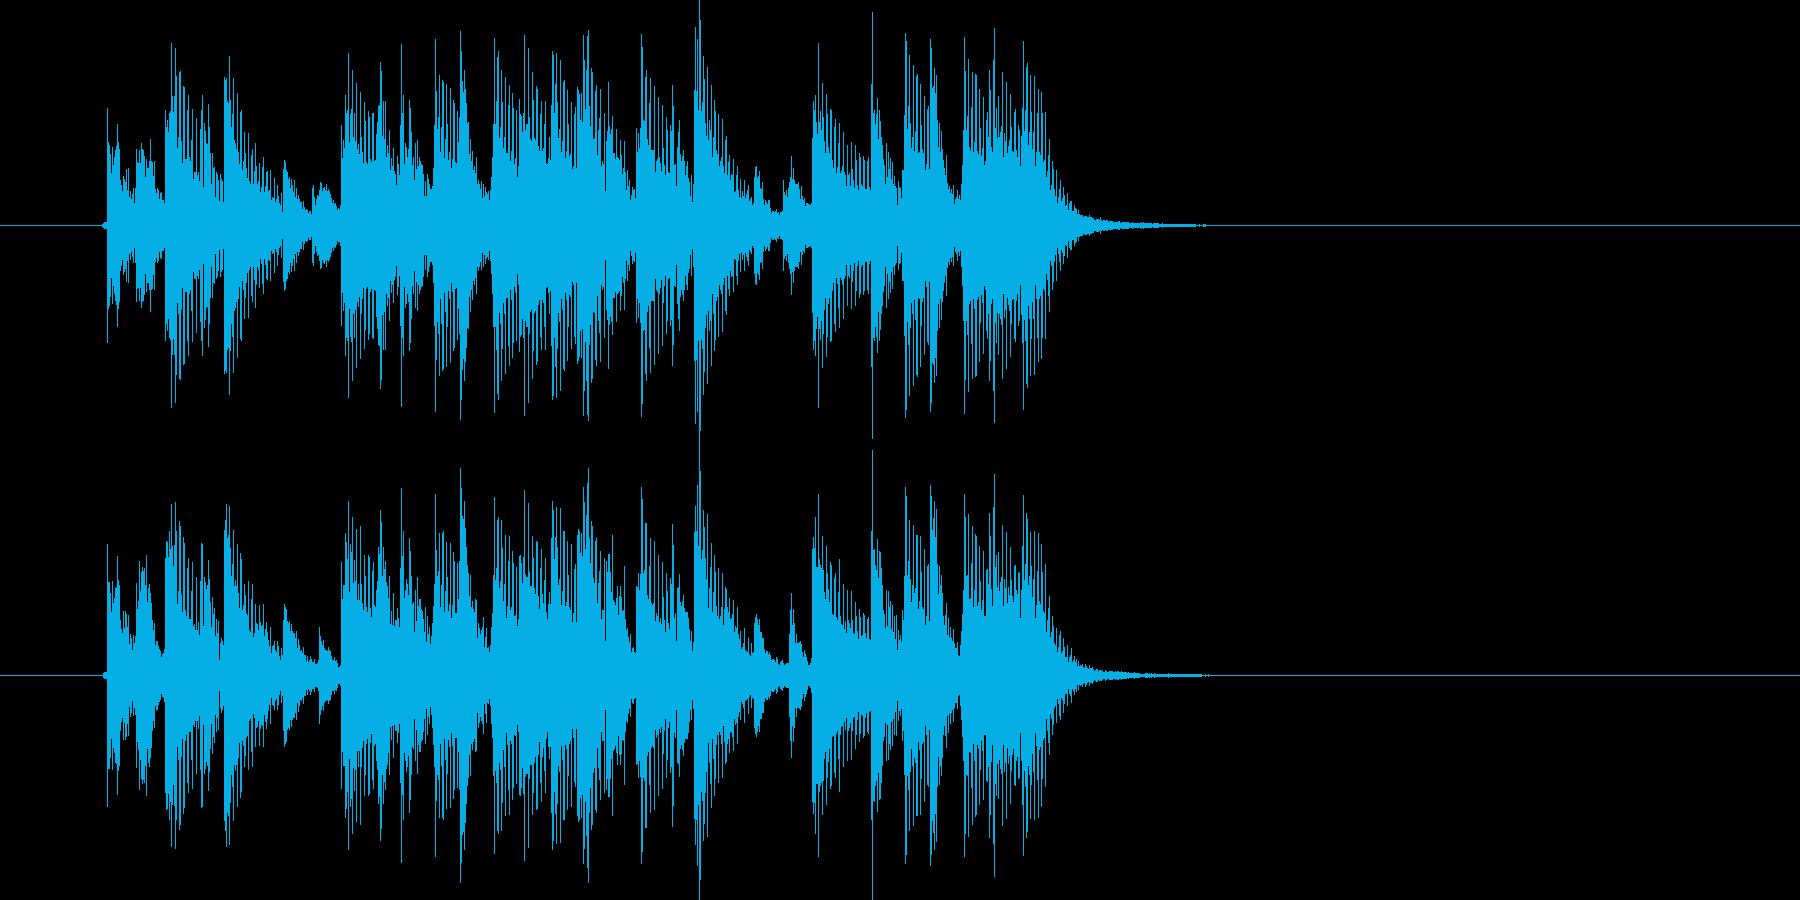 リズミカルでマイナーなテクノジングルの再生済みの波形